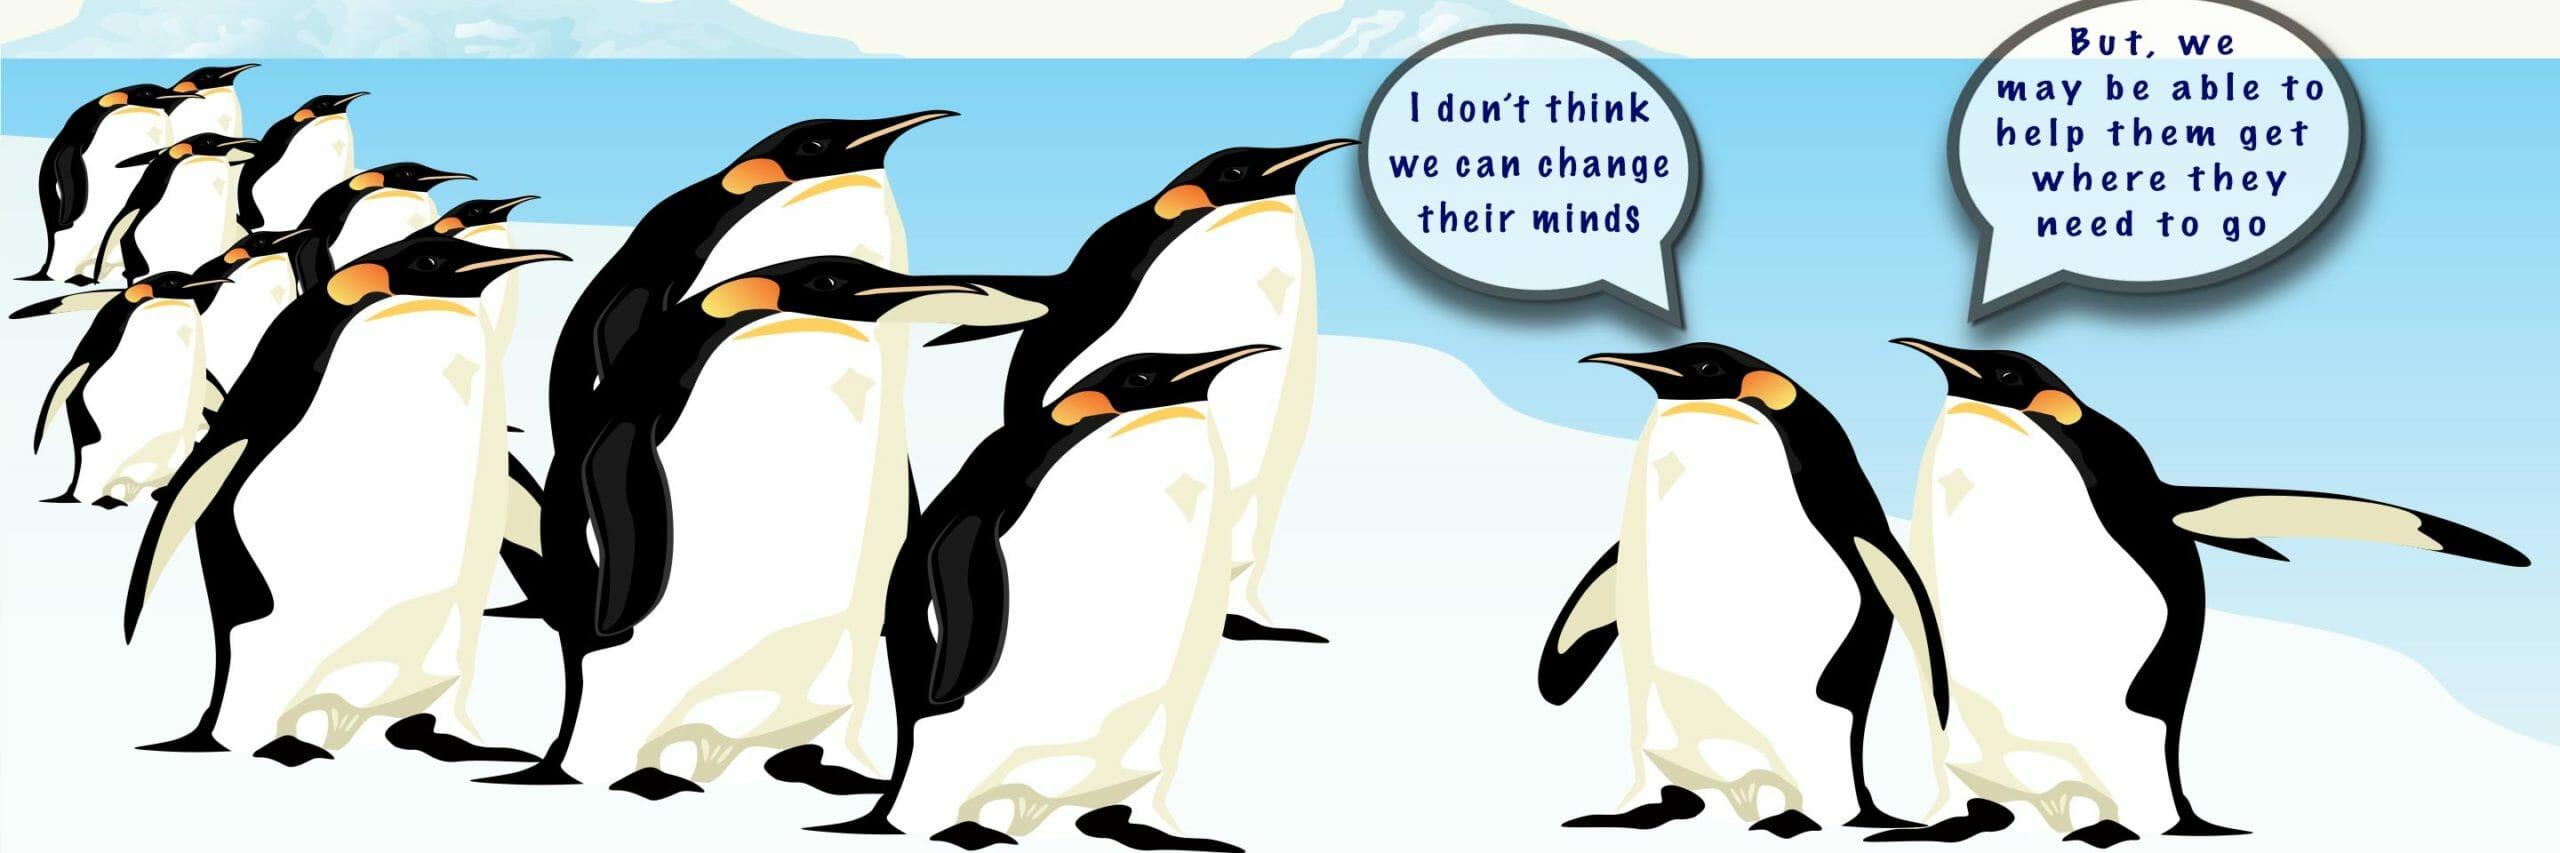 penguins debate leadership